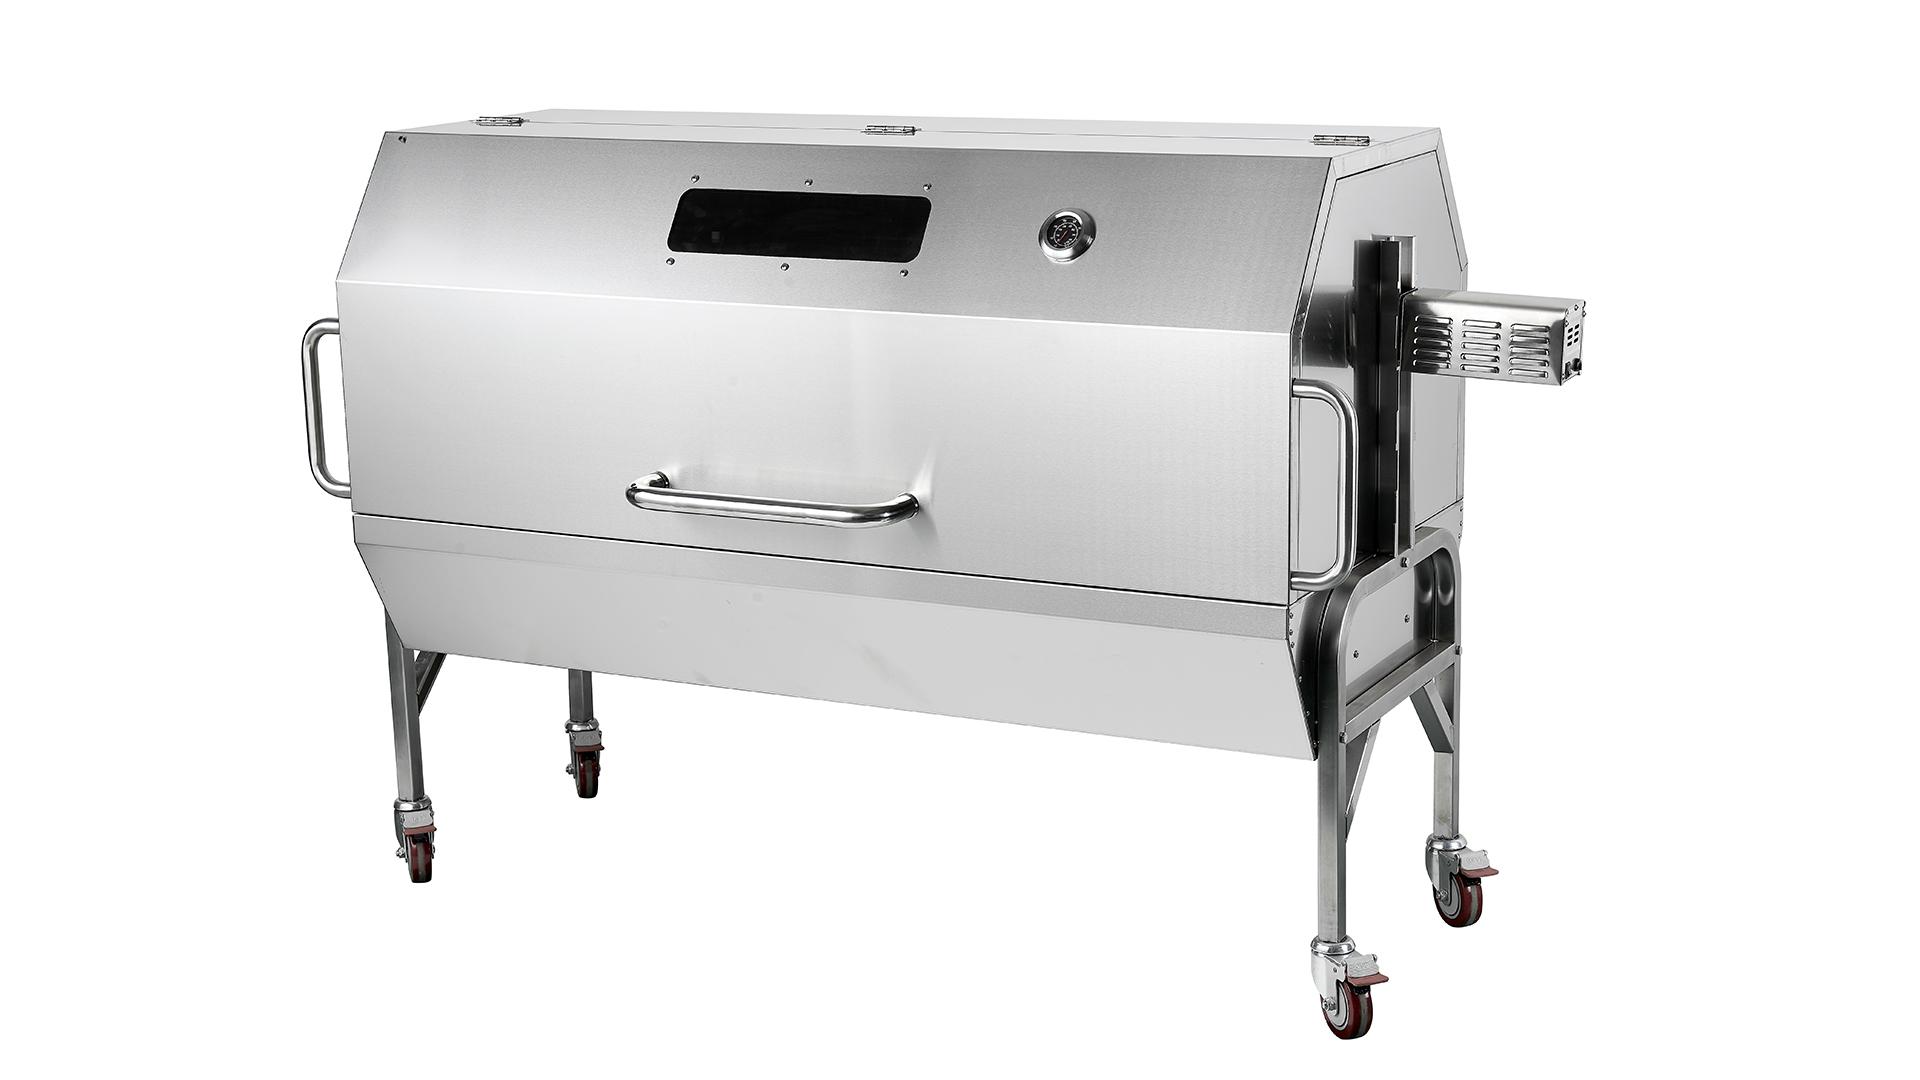 WST-009 all'ingrosso barbecue all'aperto sputo rotisserie arrosto pecore e maiale portatile agnello agnello di pollo gas BBQ Rotsisserie Grill